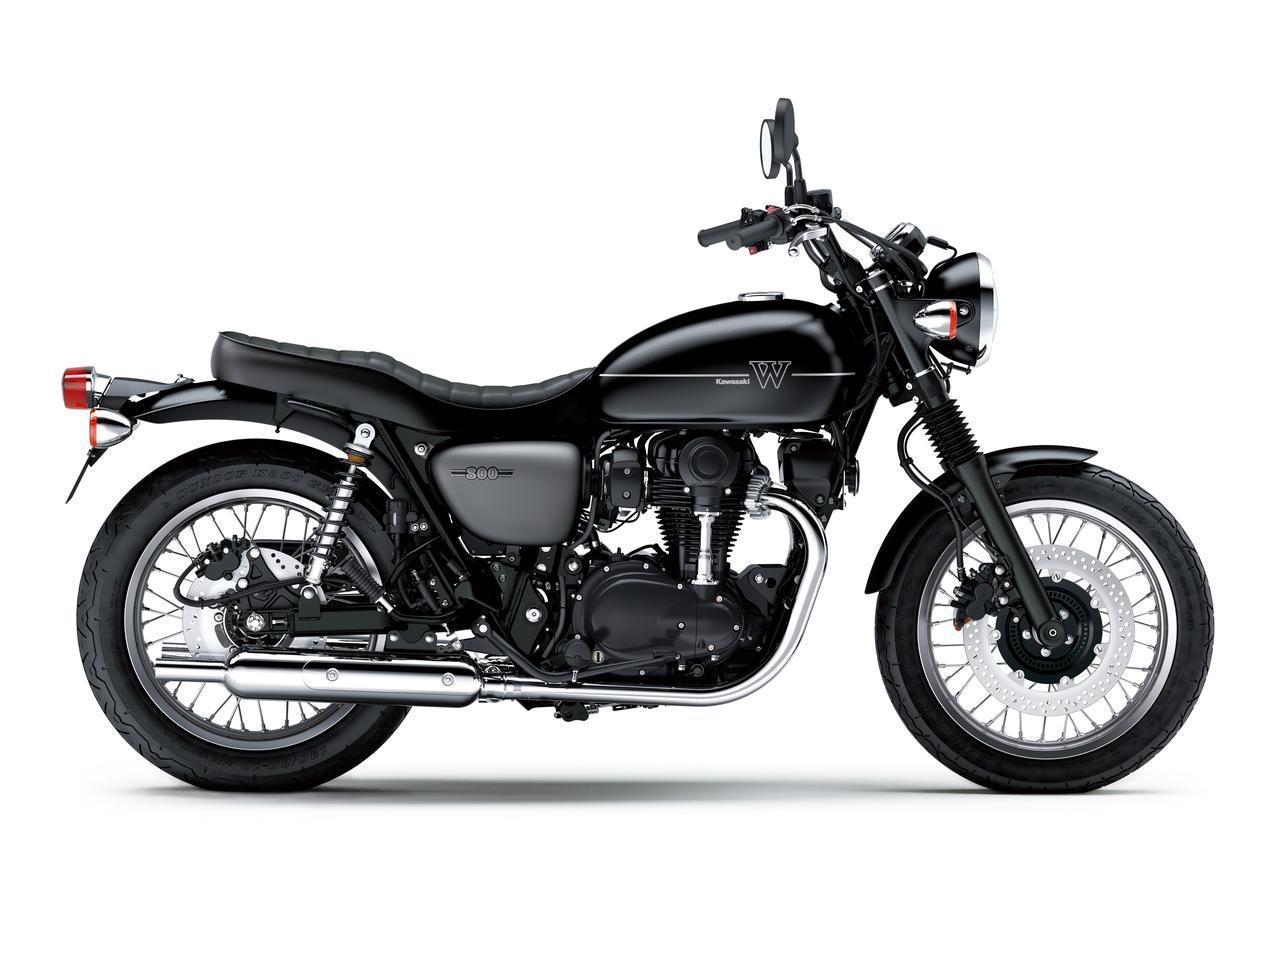 画像12: カワサキが「W800」シリーズの2021年モデルを発売! W800/W800ストリート/W800カフェの新色をチェック!